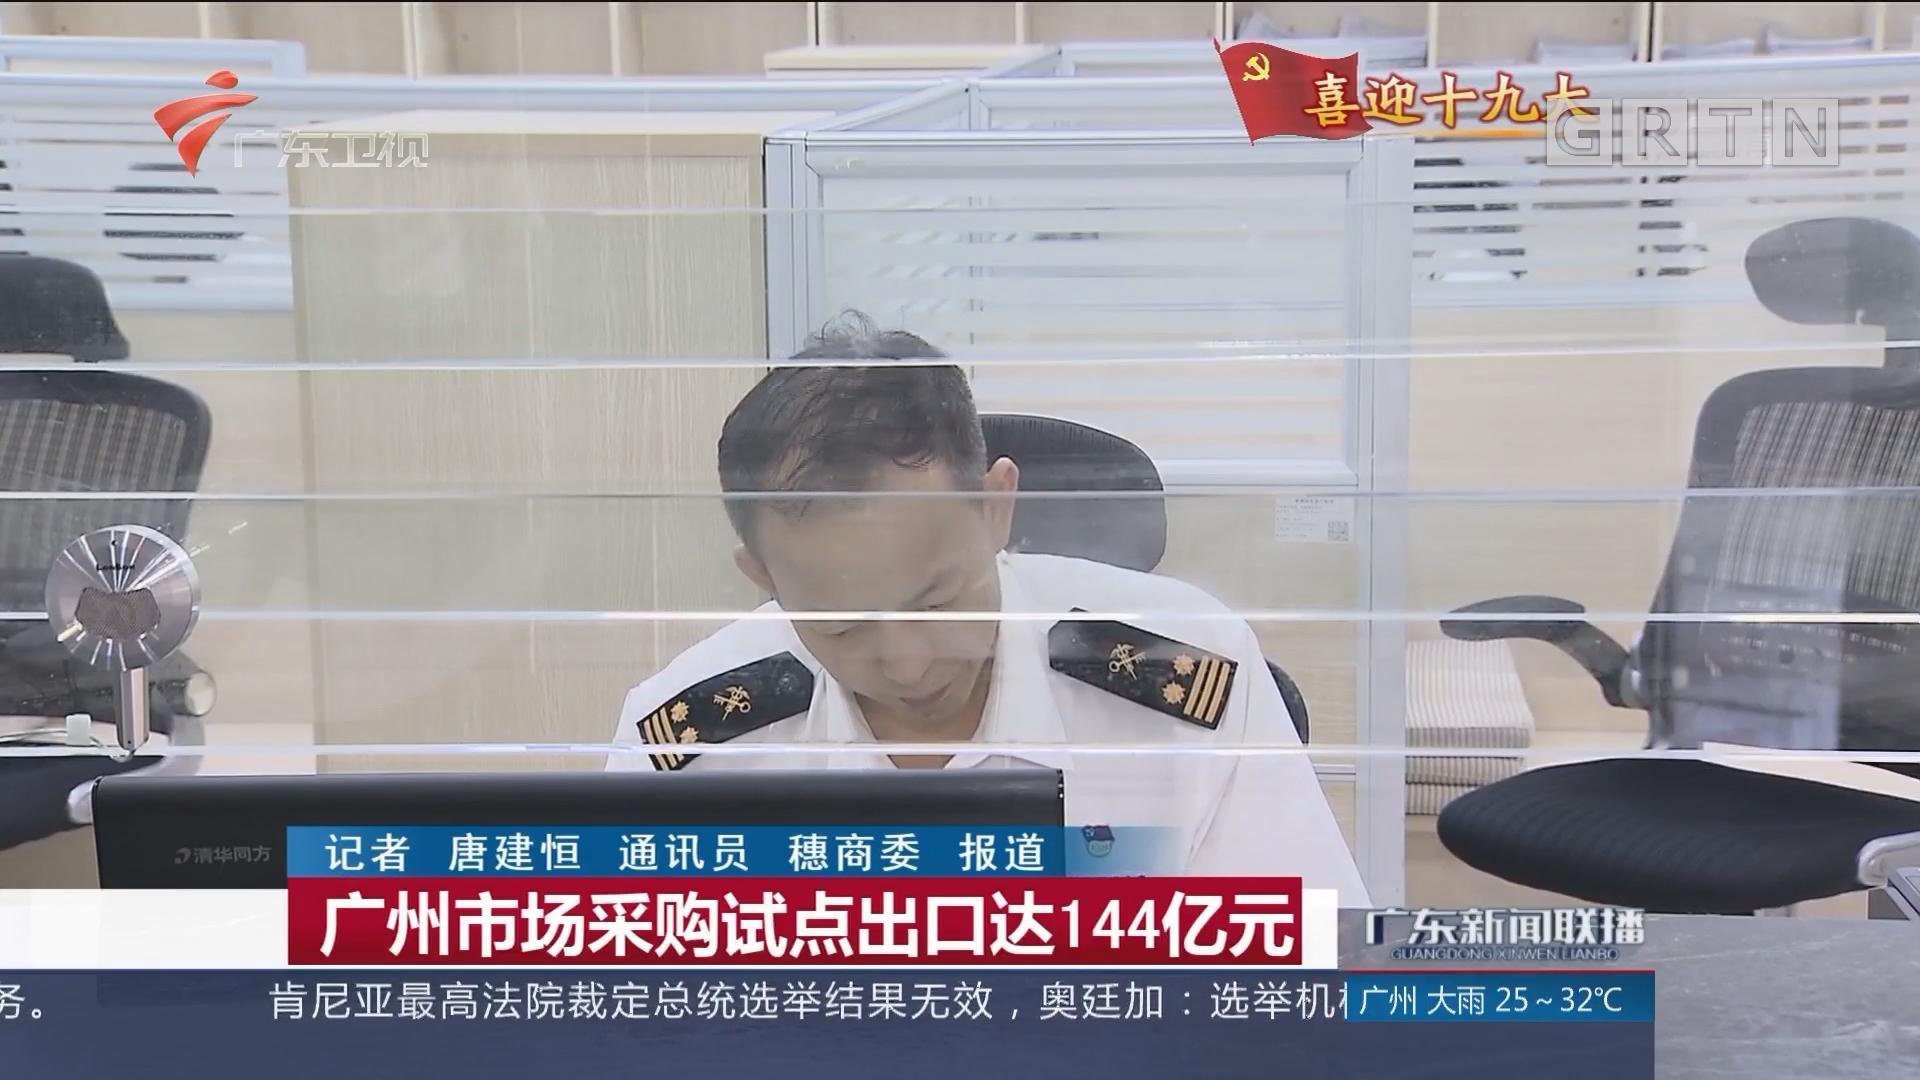 广州市场采购试点出口达144亿元